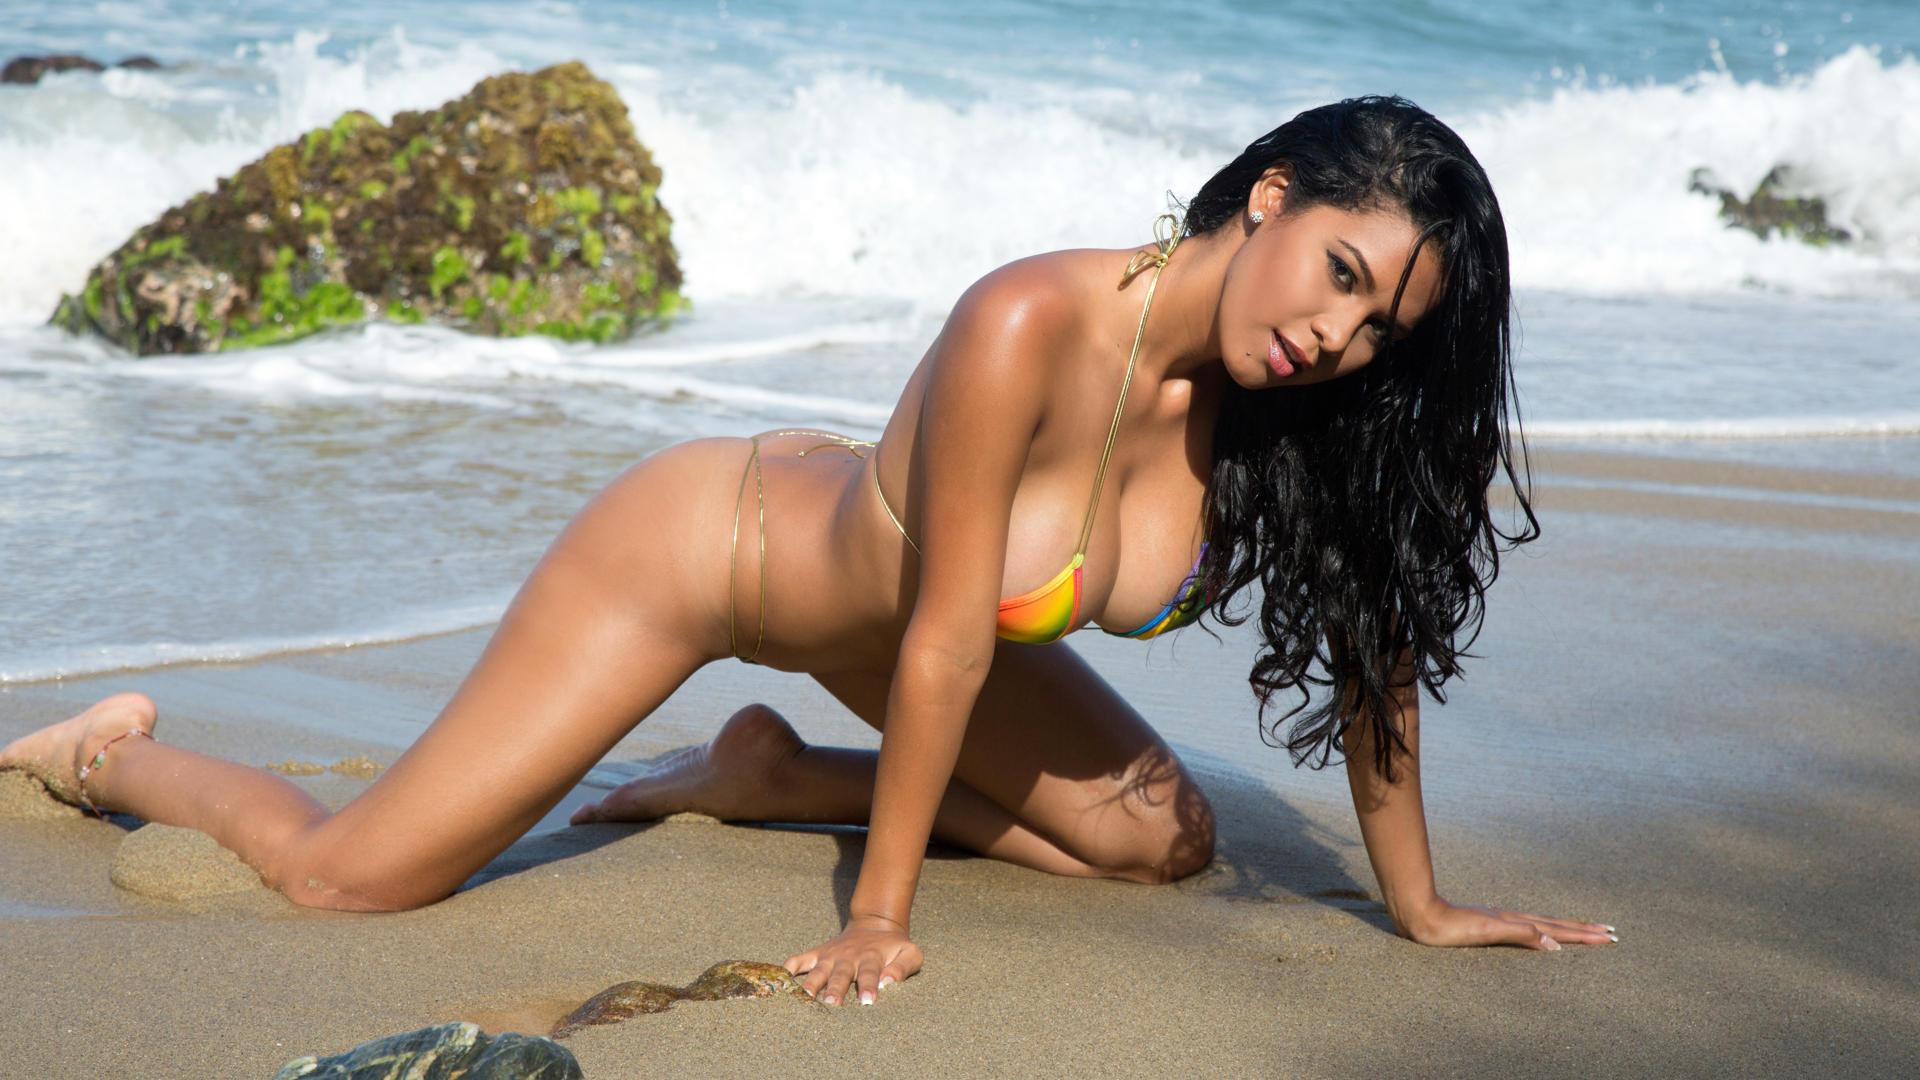 Bikini sexy woman photo